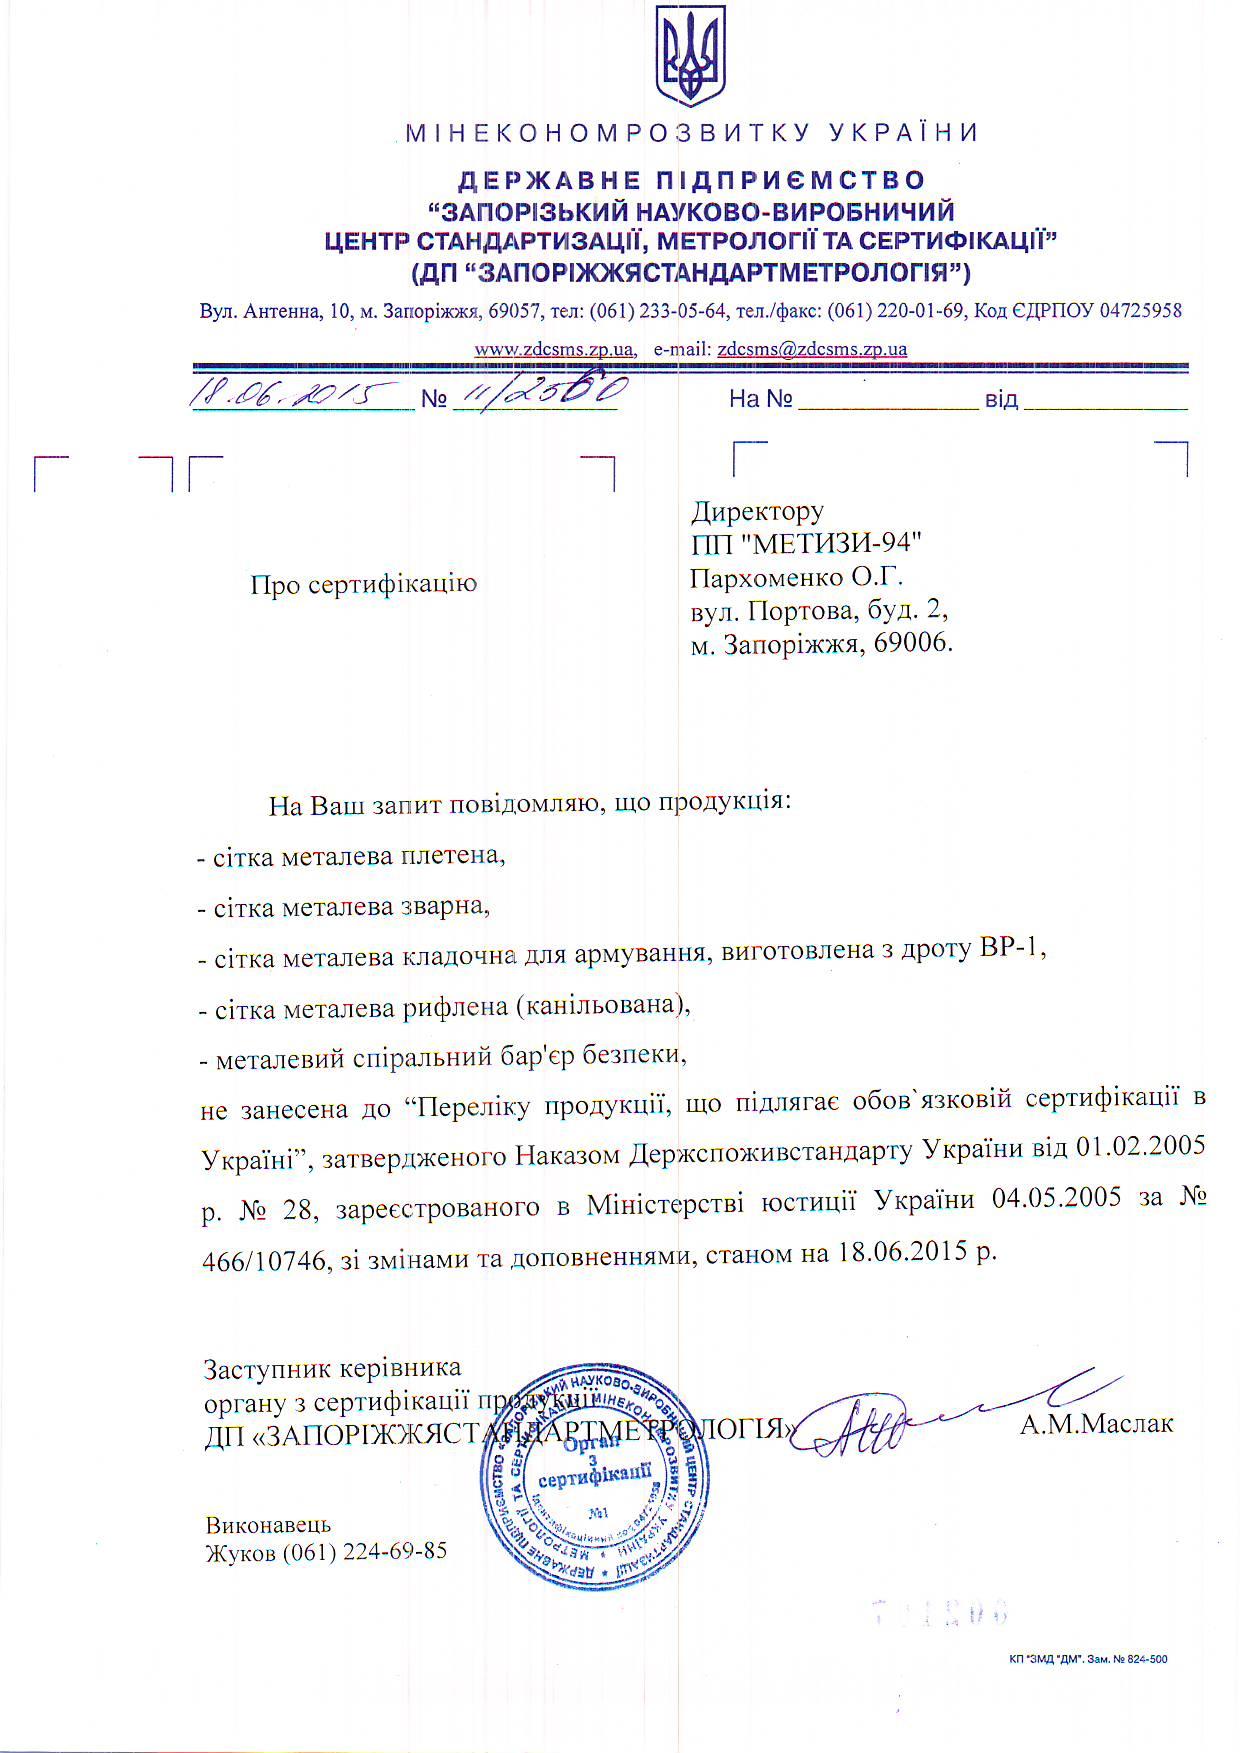 Письмо о необязательном сертифицировании сетки